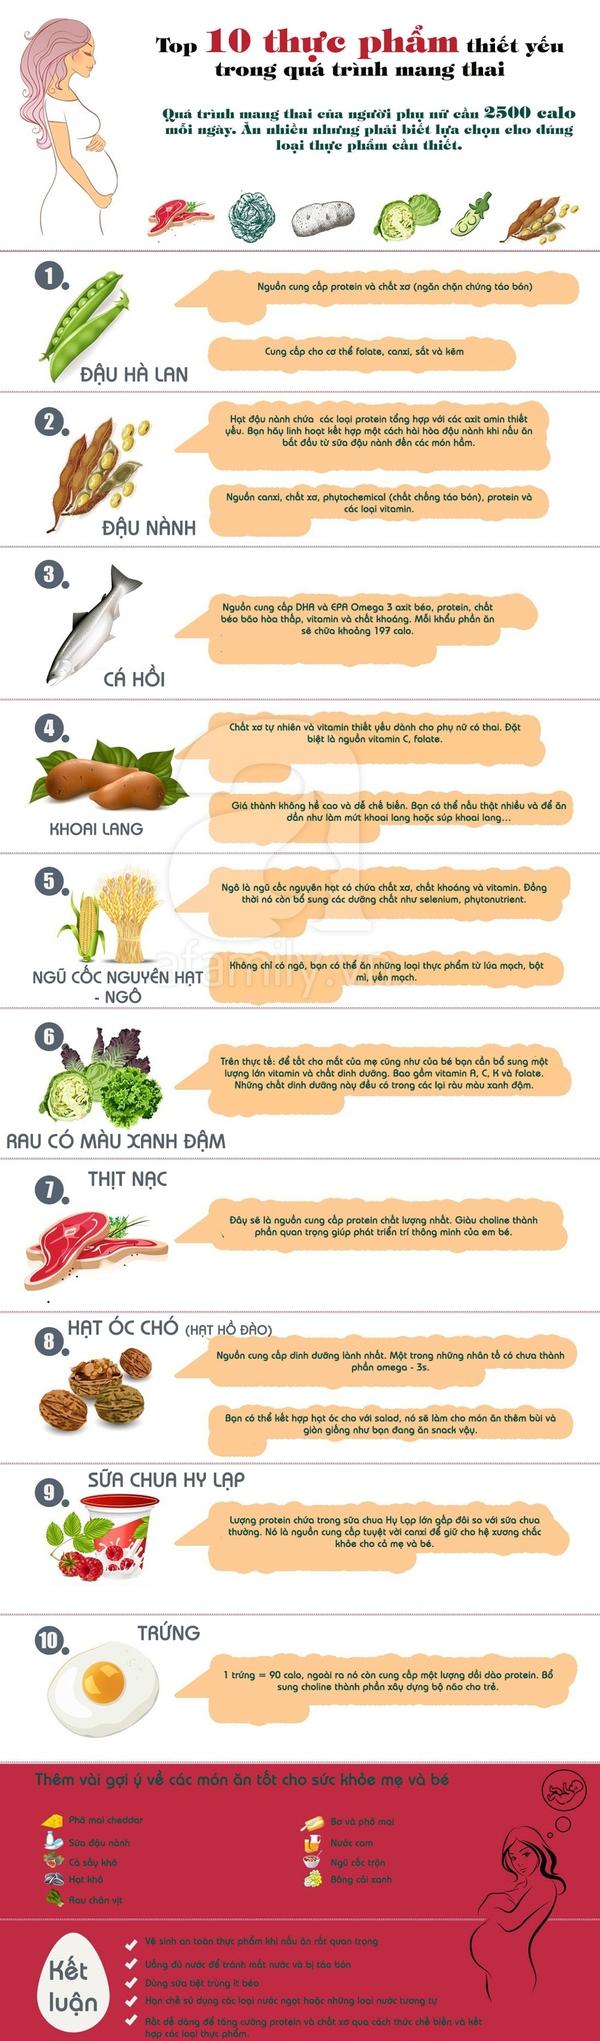 Top 10 thực phẩm thiết yếu mẹ bầu không thể bỏ qua  1